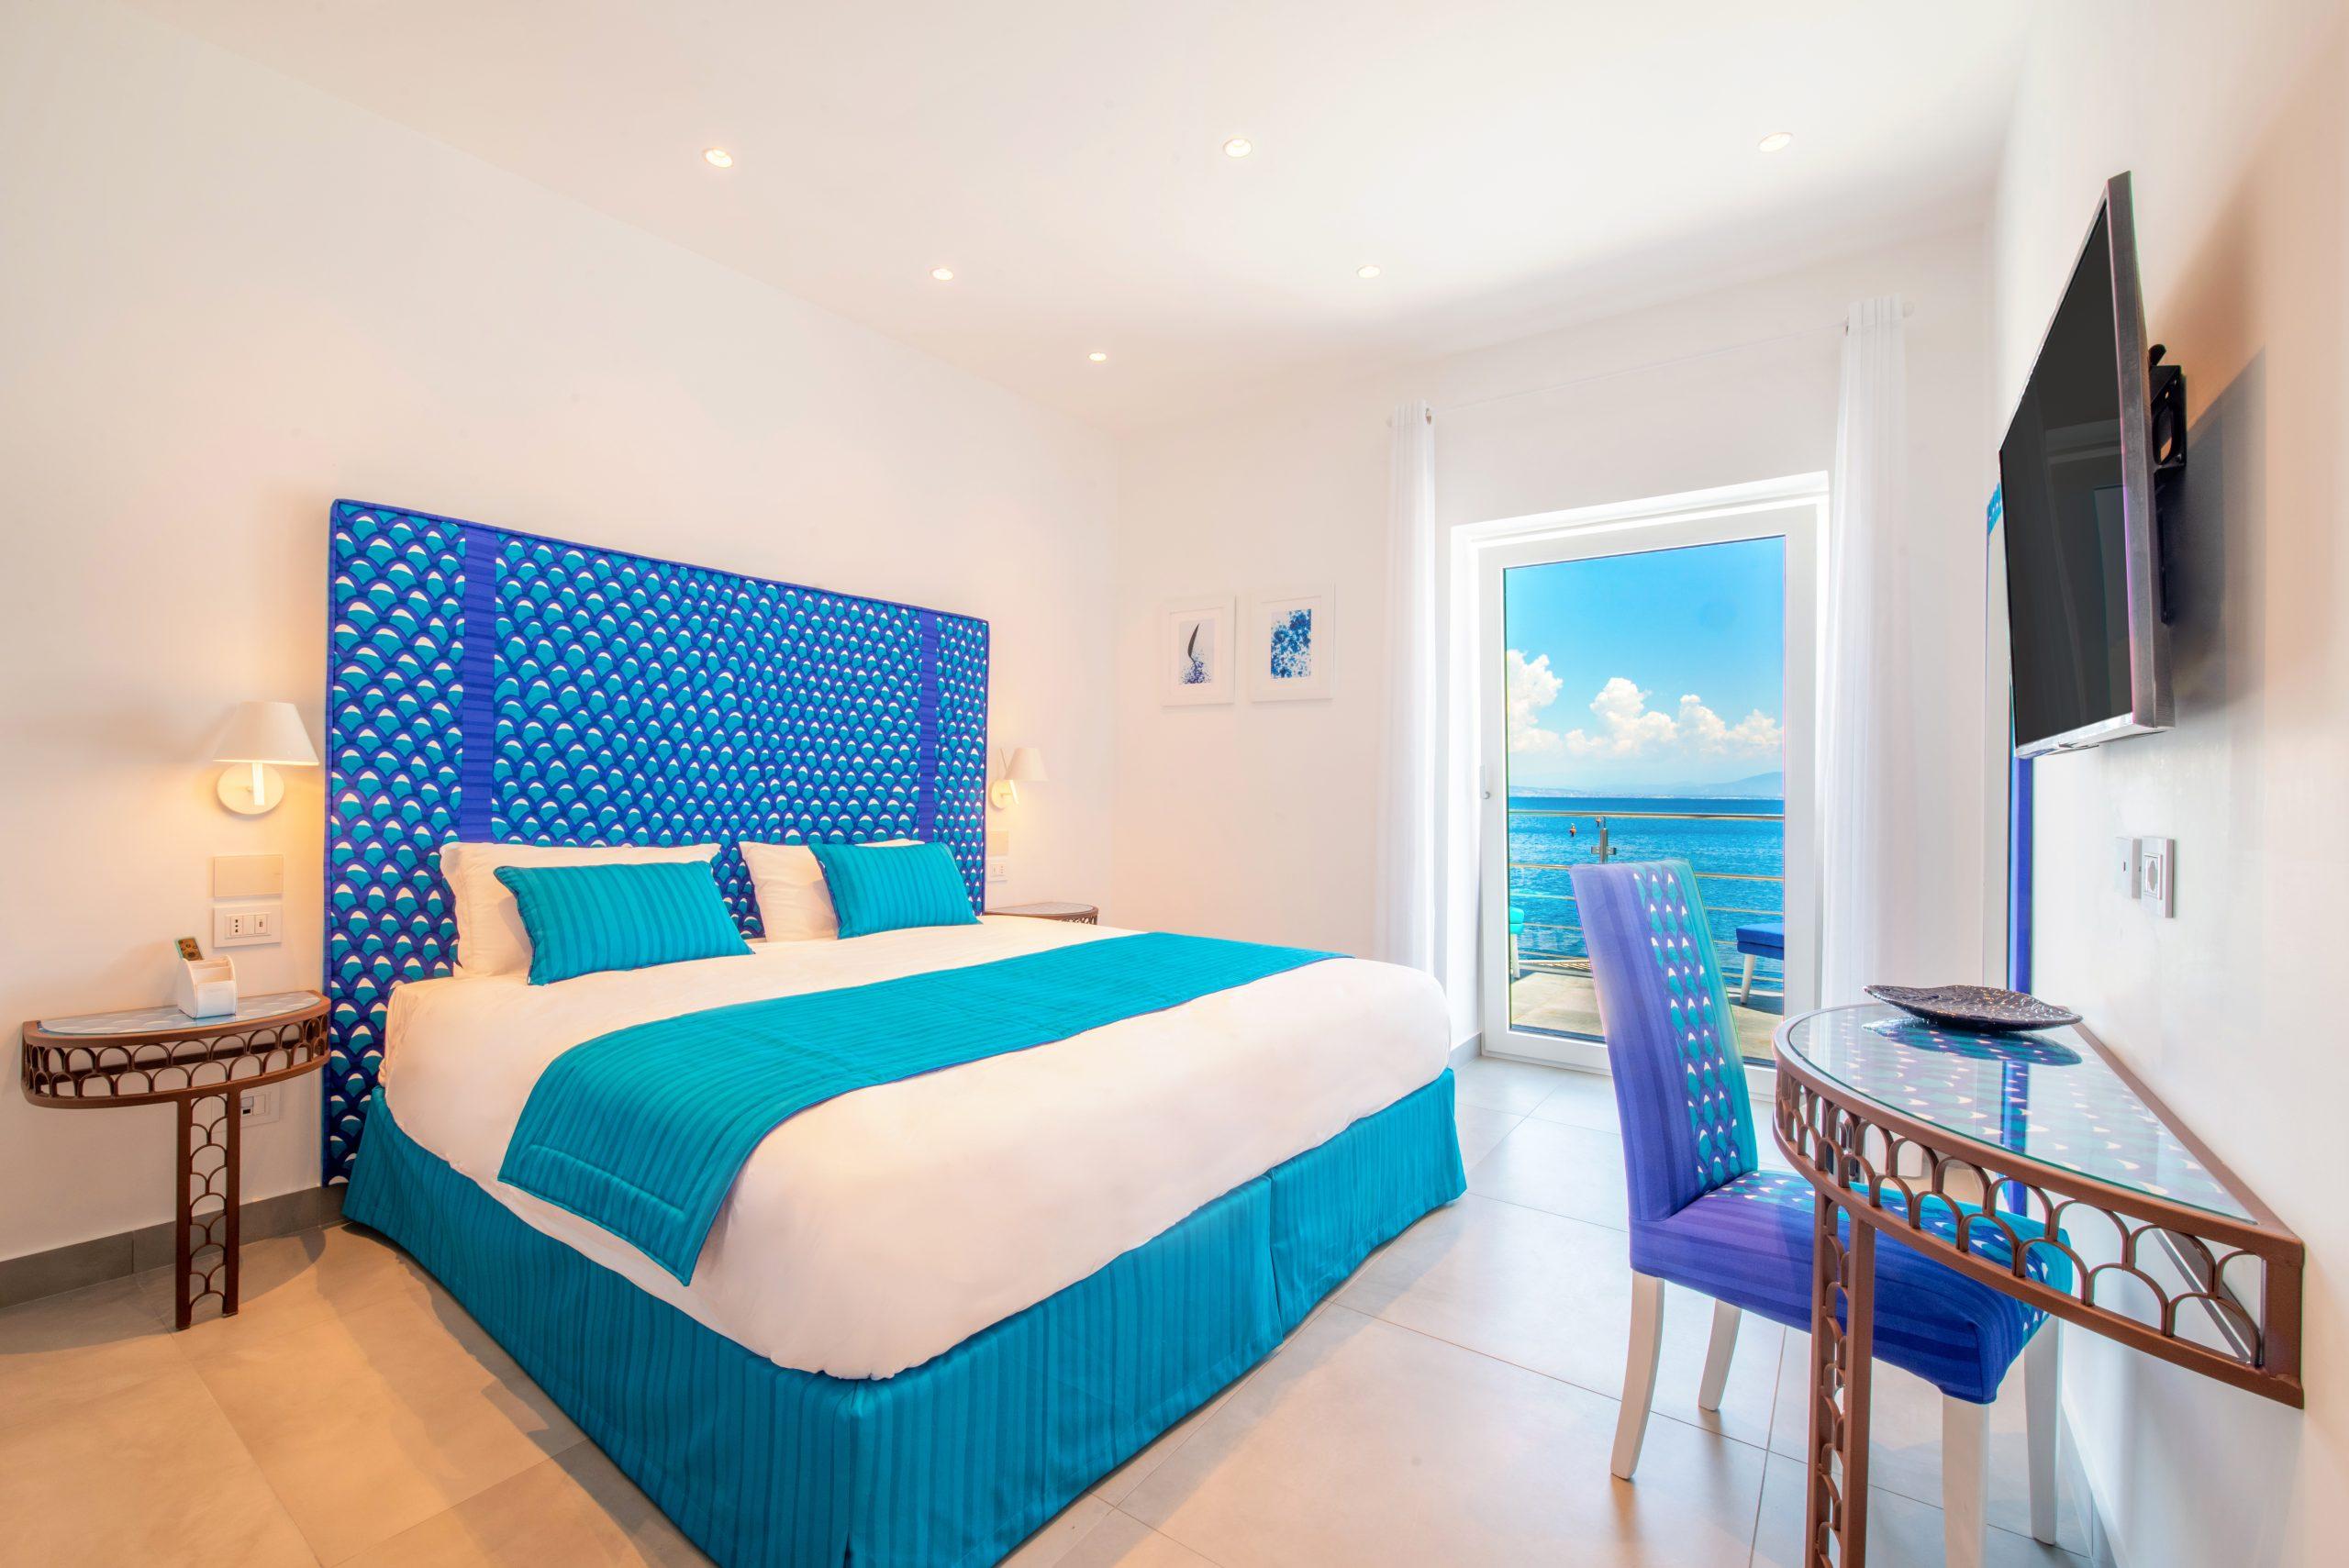 Villa Sorrento by the sea bedroom